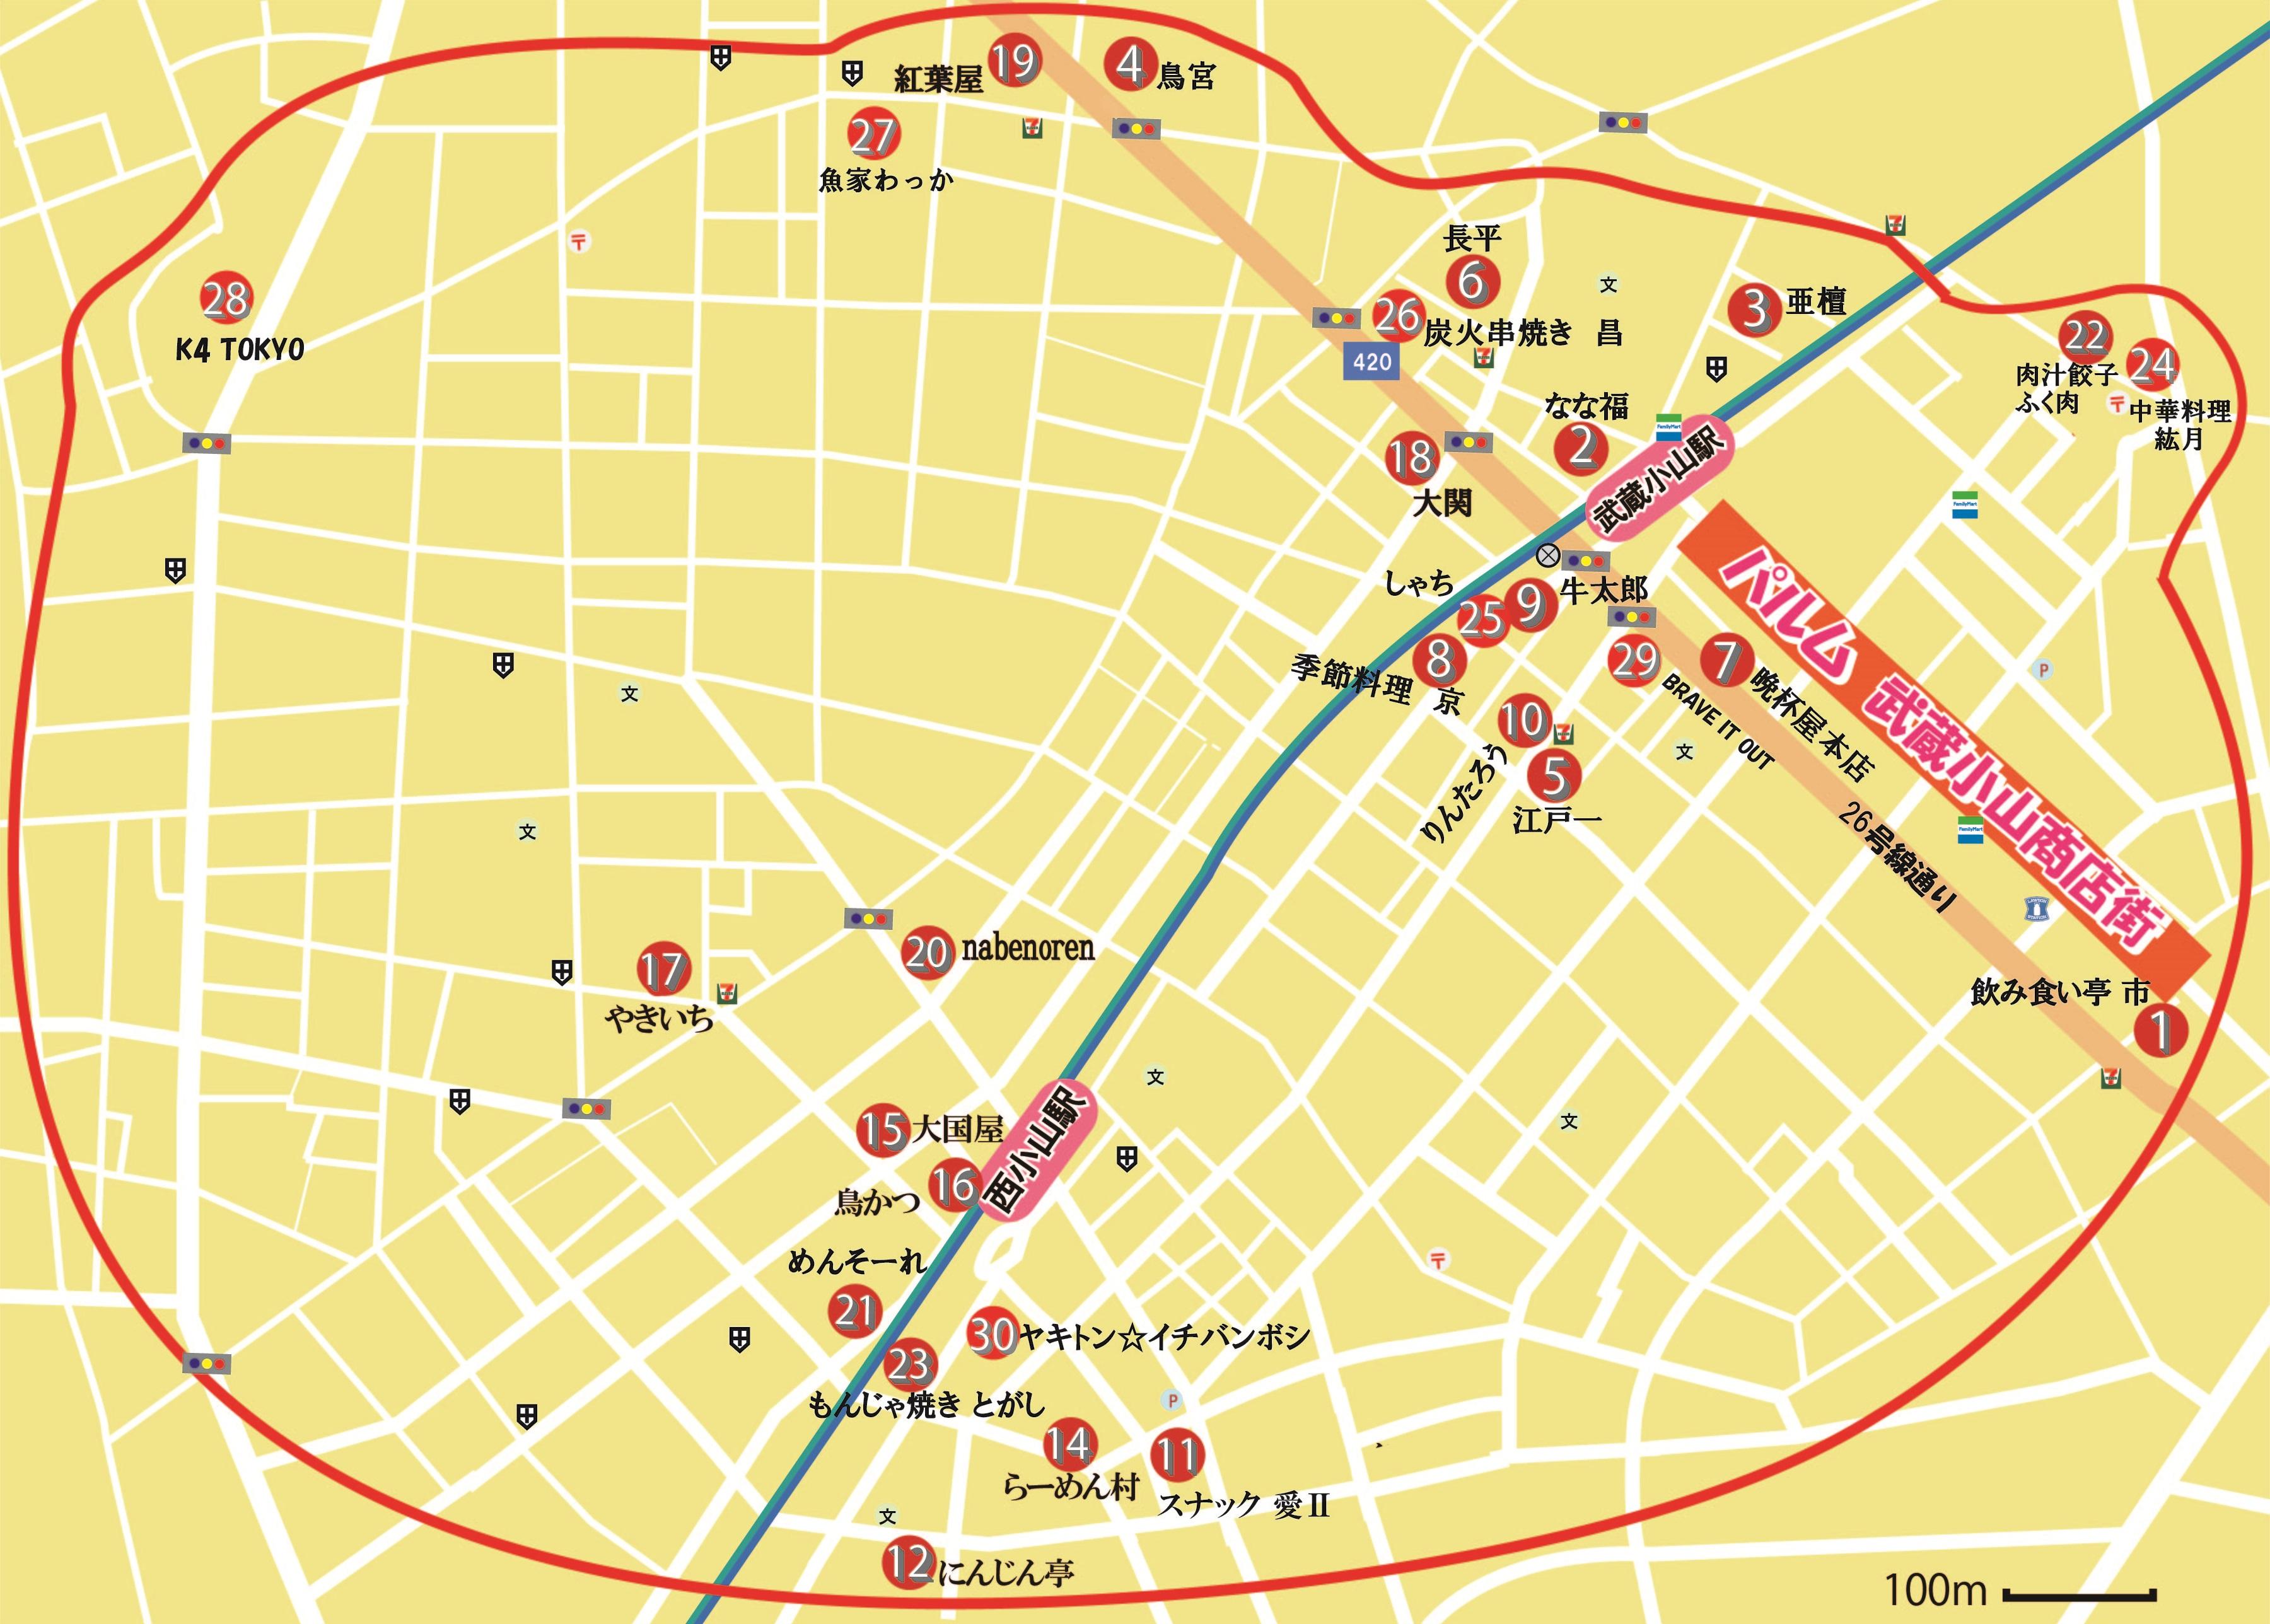 20200630_ハイサワー特区地図参加店-01